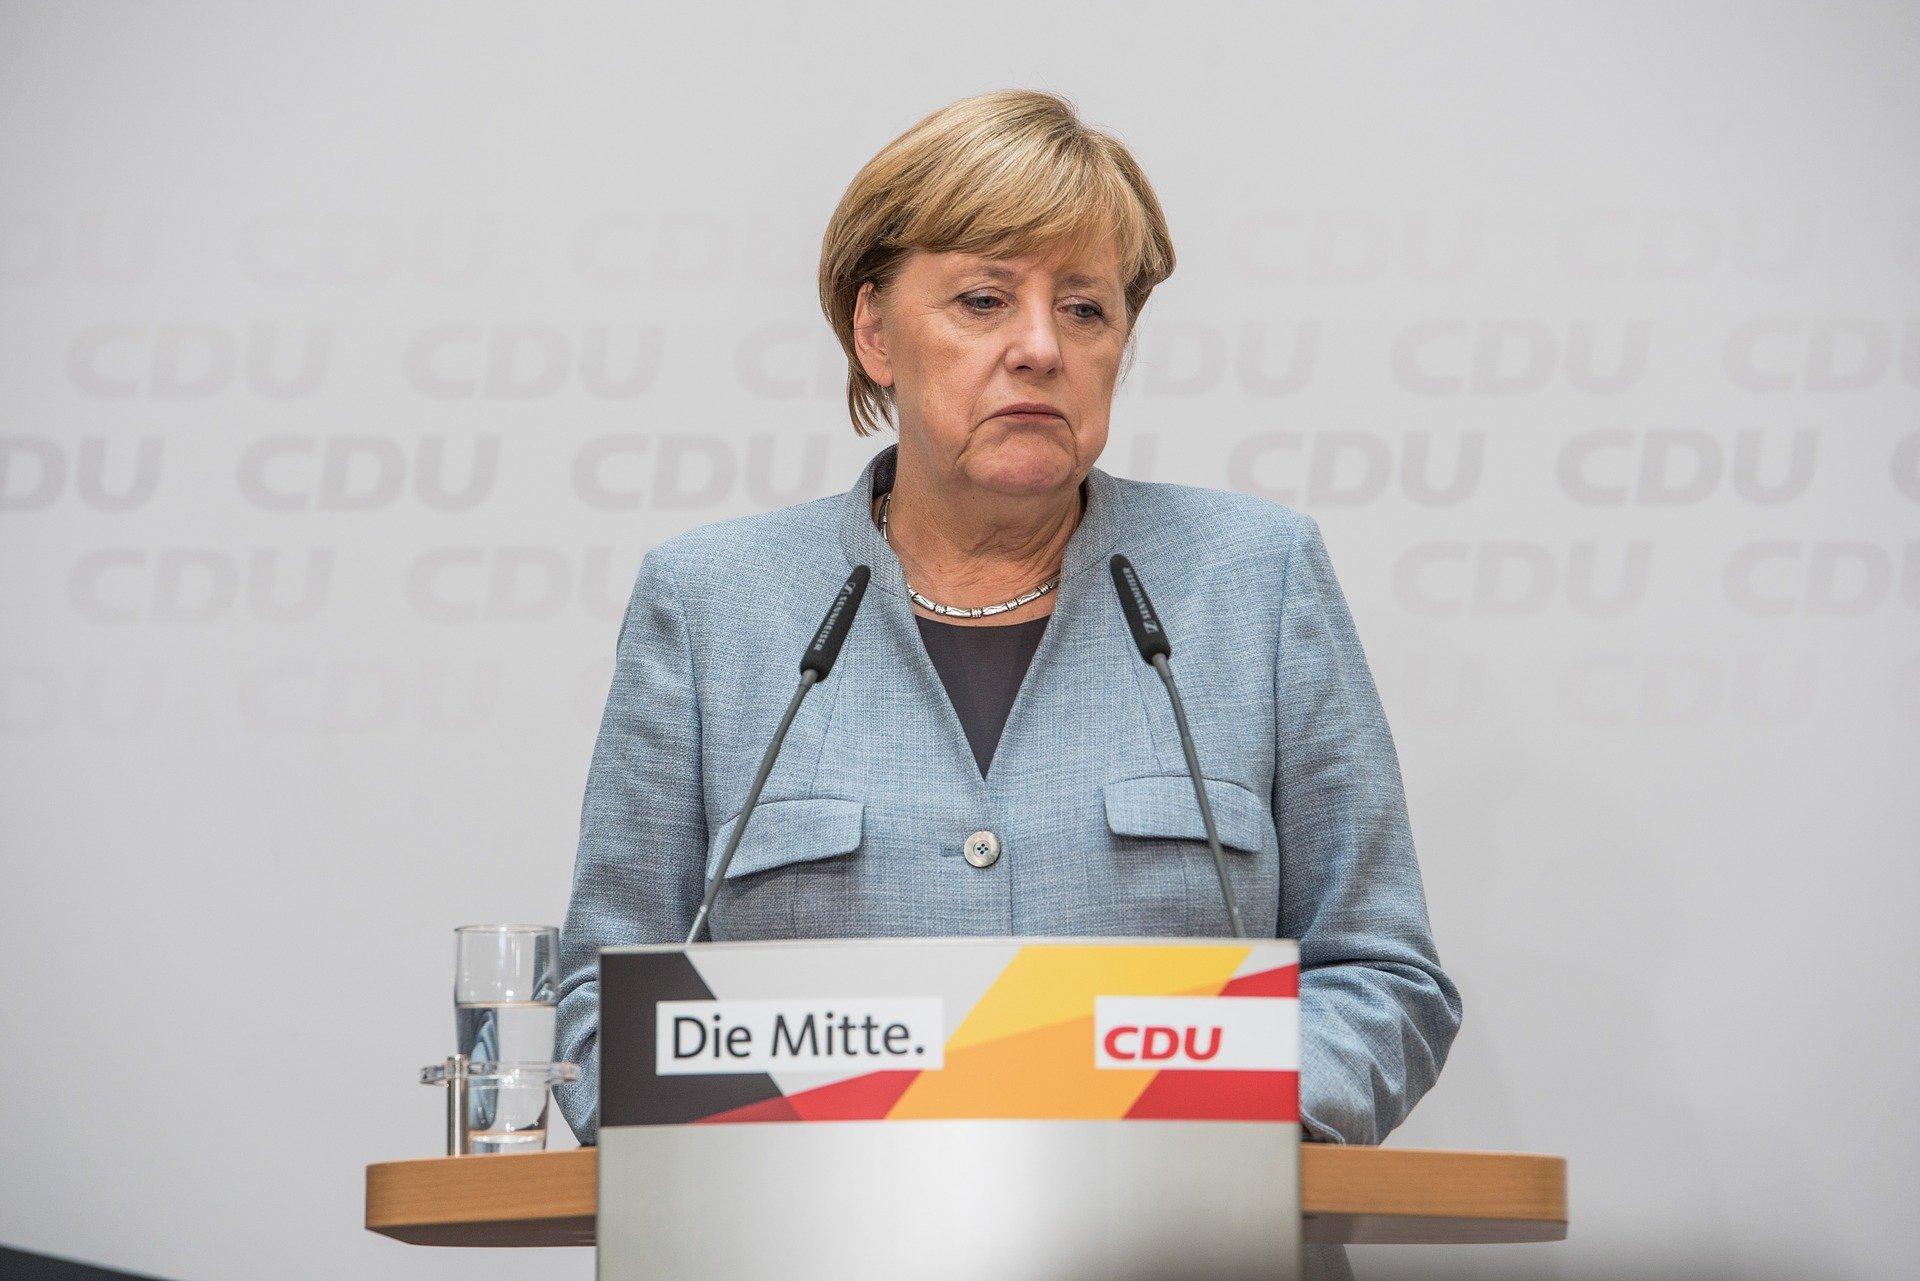 Angela Merkel: Deutschland ist bereit, deutlich höheren EU-Beitrag zu zahlen